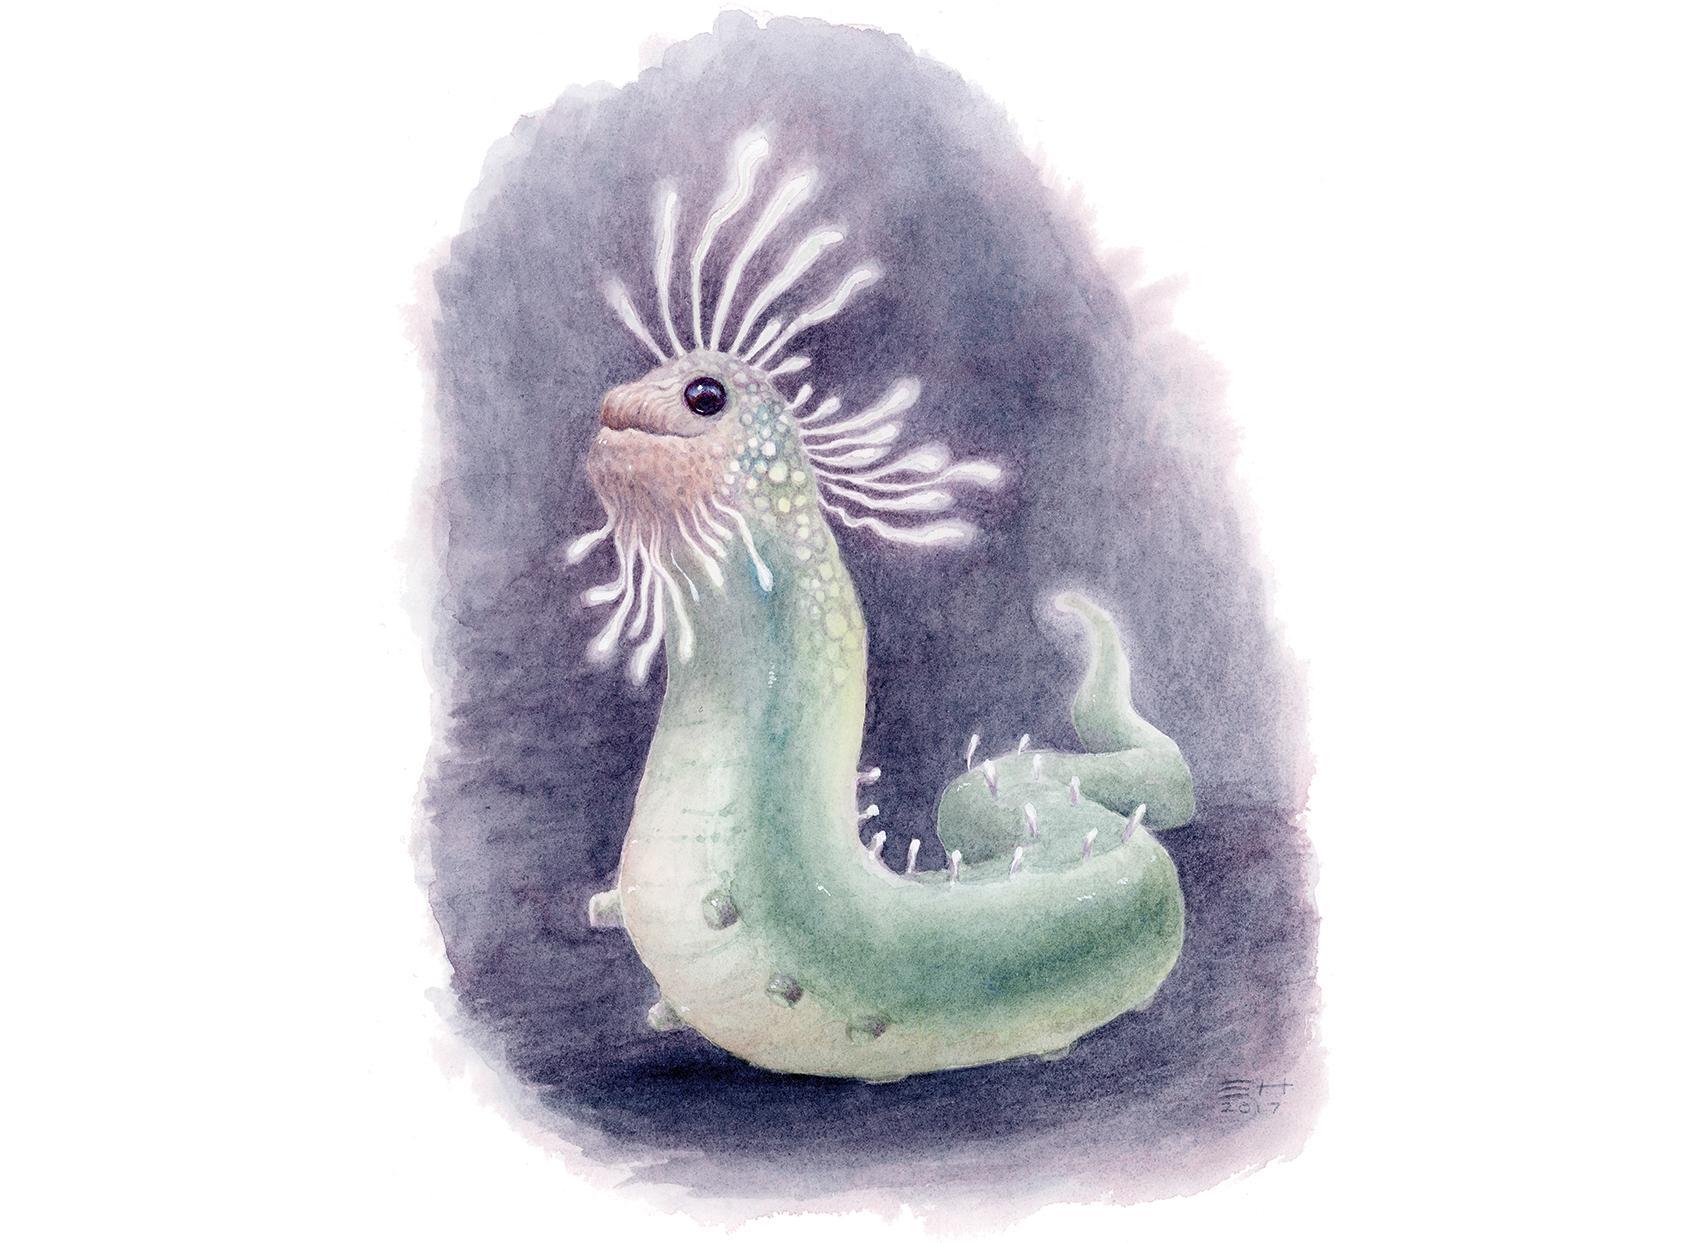 slug-like animal